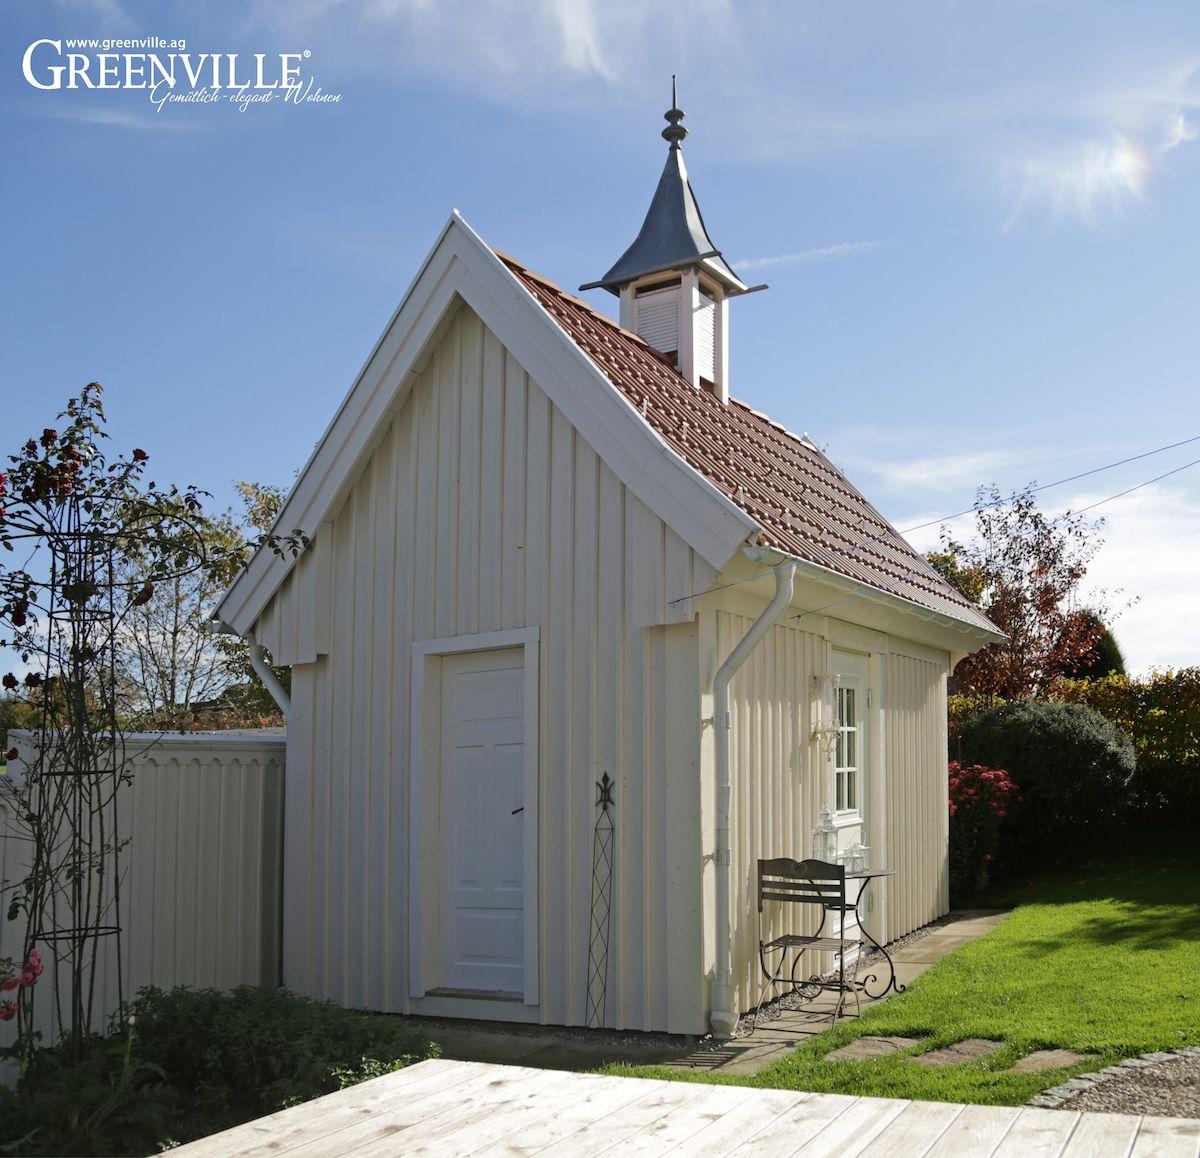 S sses gartenhaus zum verstauen der ger te greenville architektur h user gartenhaus haus - Gartenhaus architektur ...